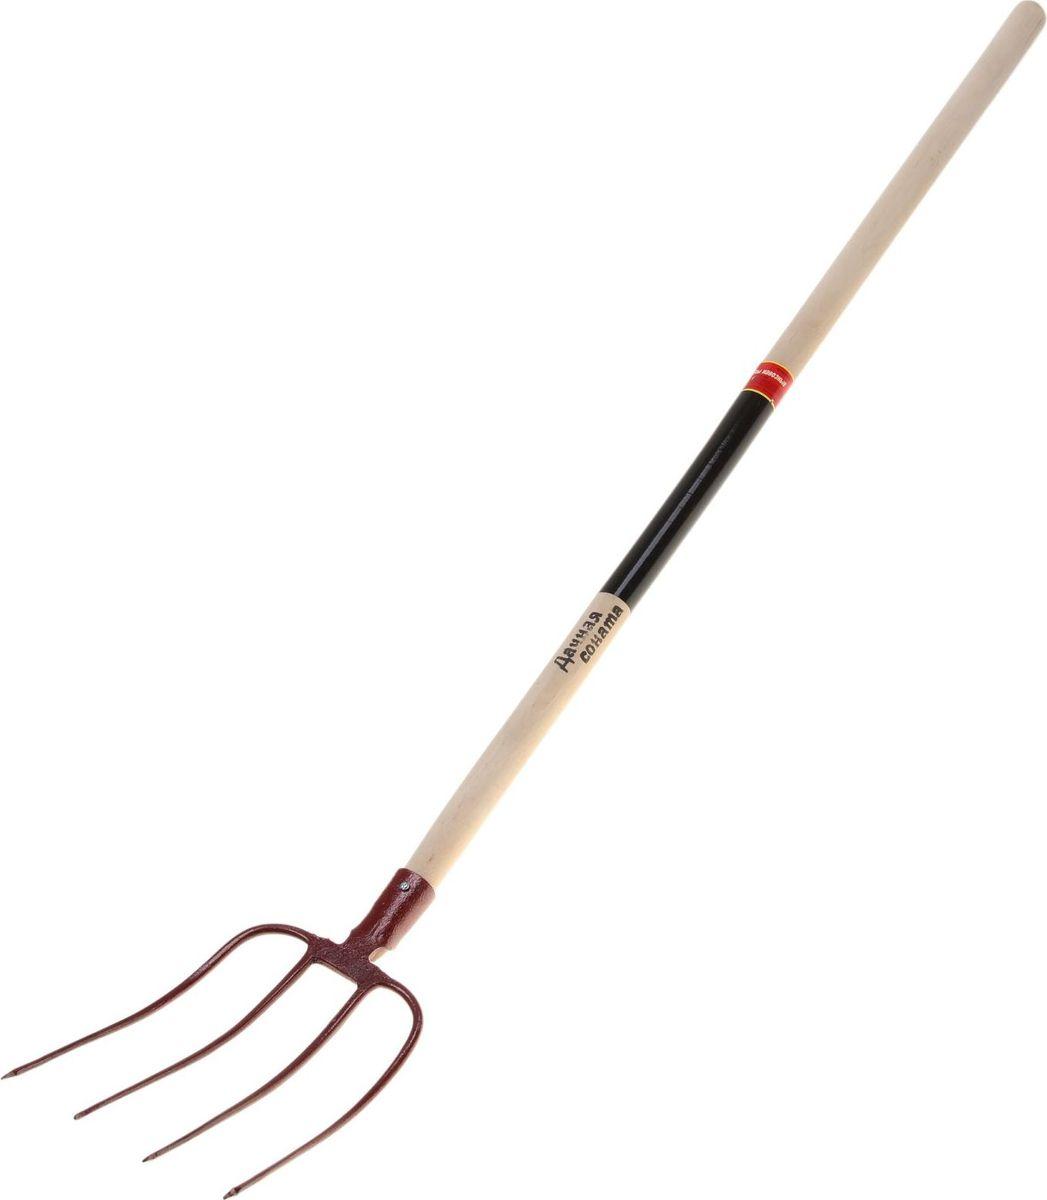 Вилы  Дачная соната , навозные, с черенком, длина 156 см - Ручной садовый инструмент